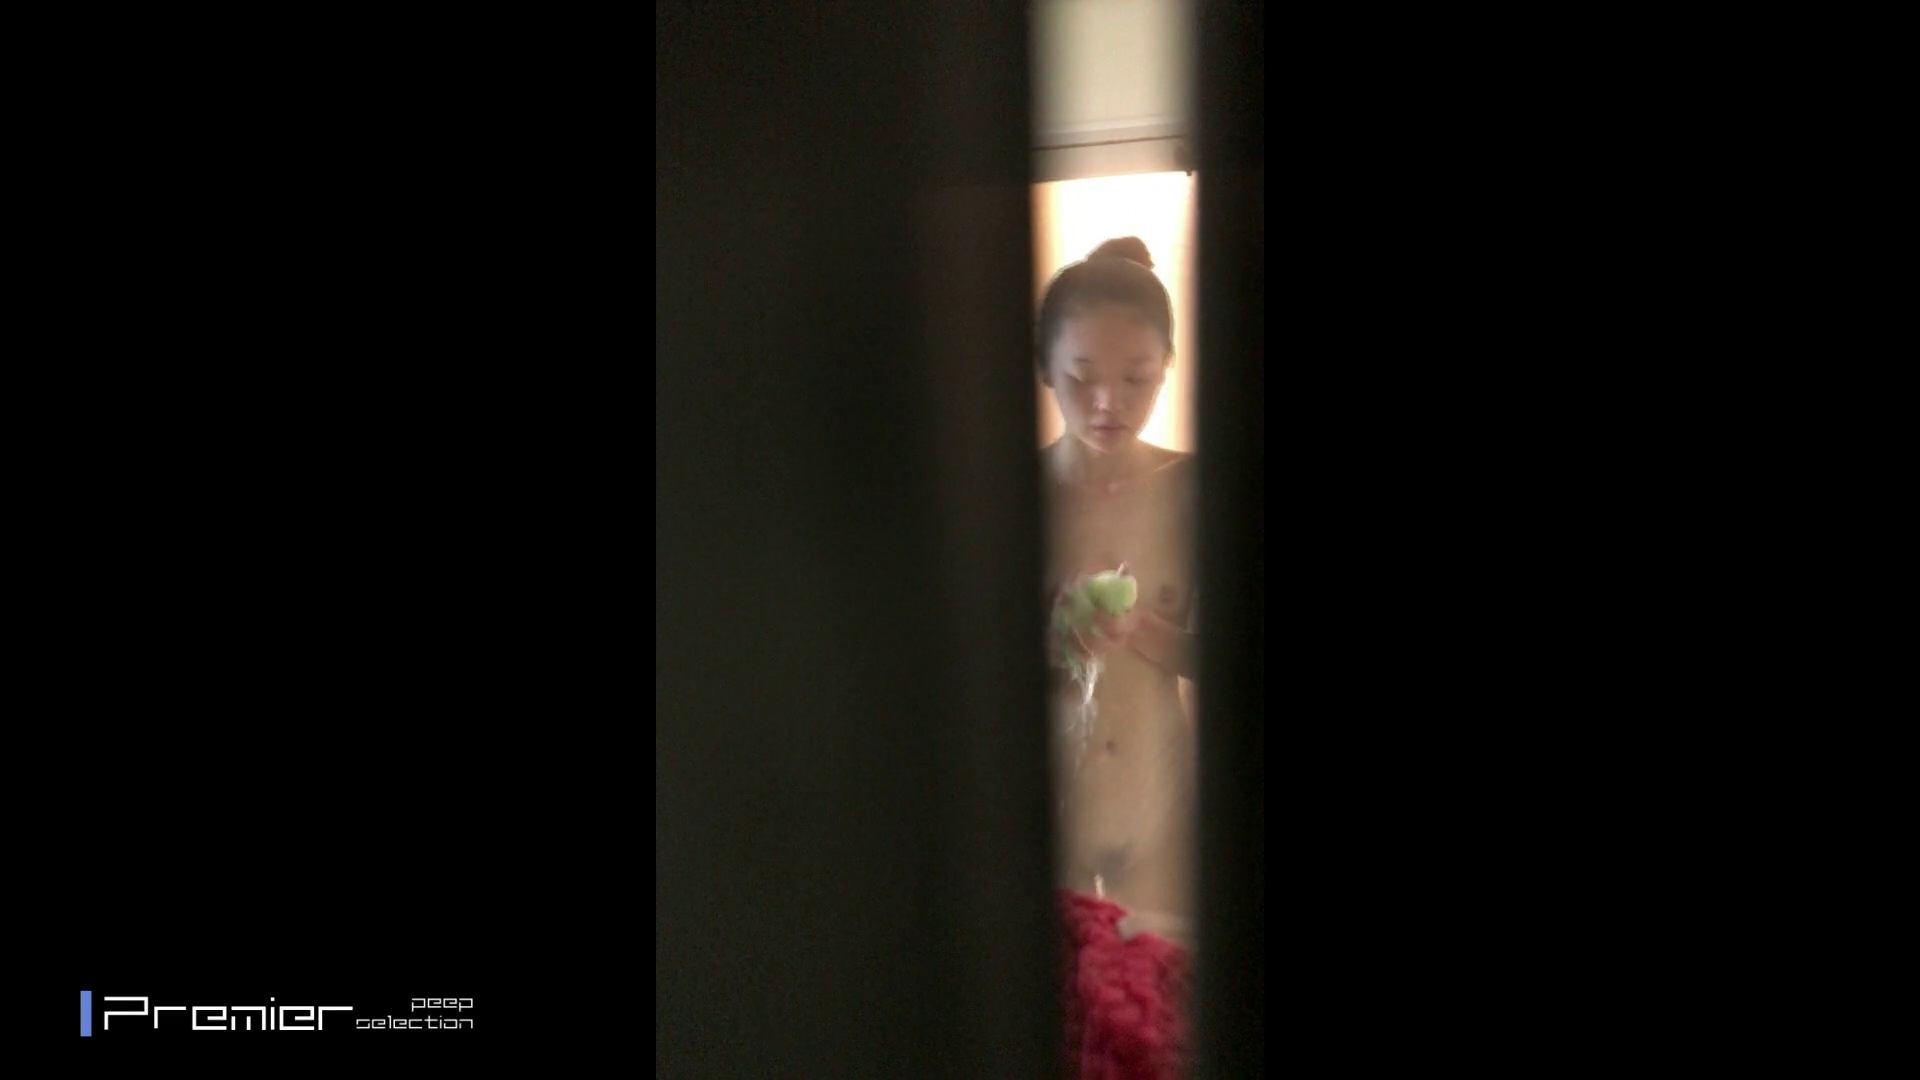 清楚な女末の裸をオカズにしてしまうダメなANIKI  美女達の私生活に潜入!